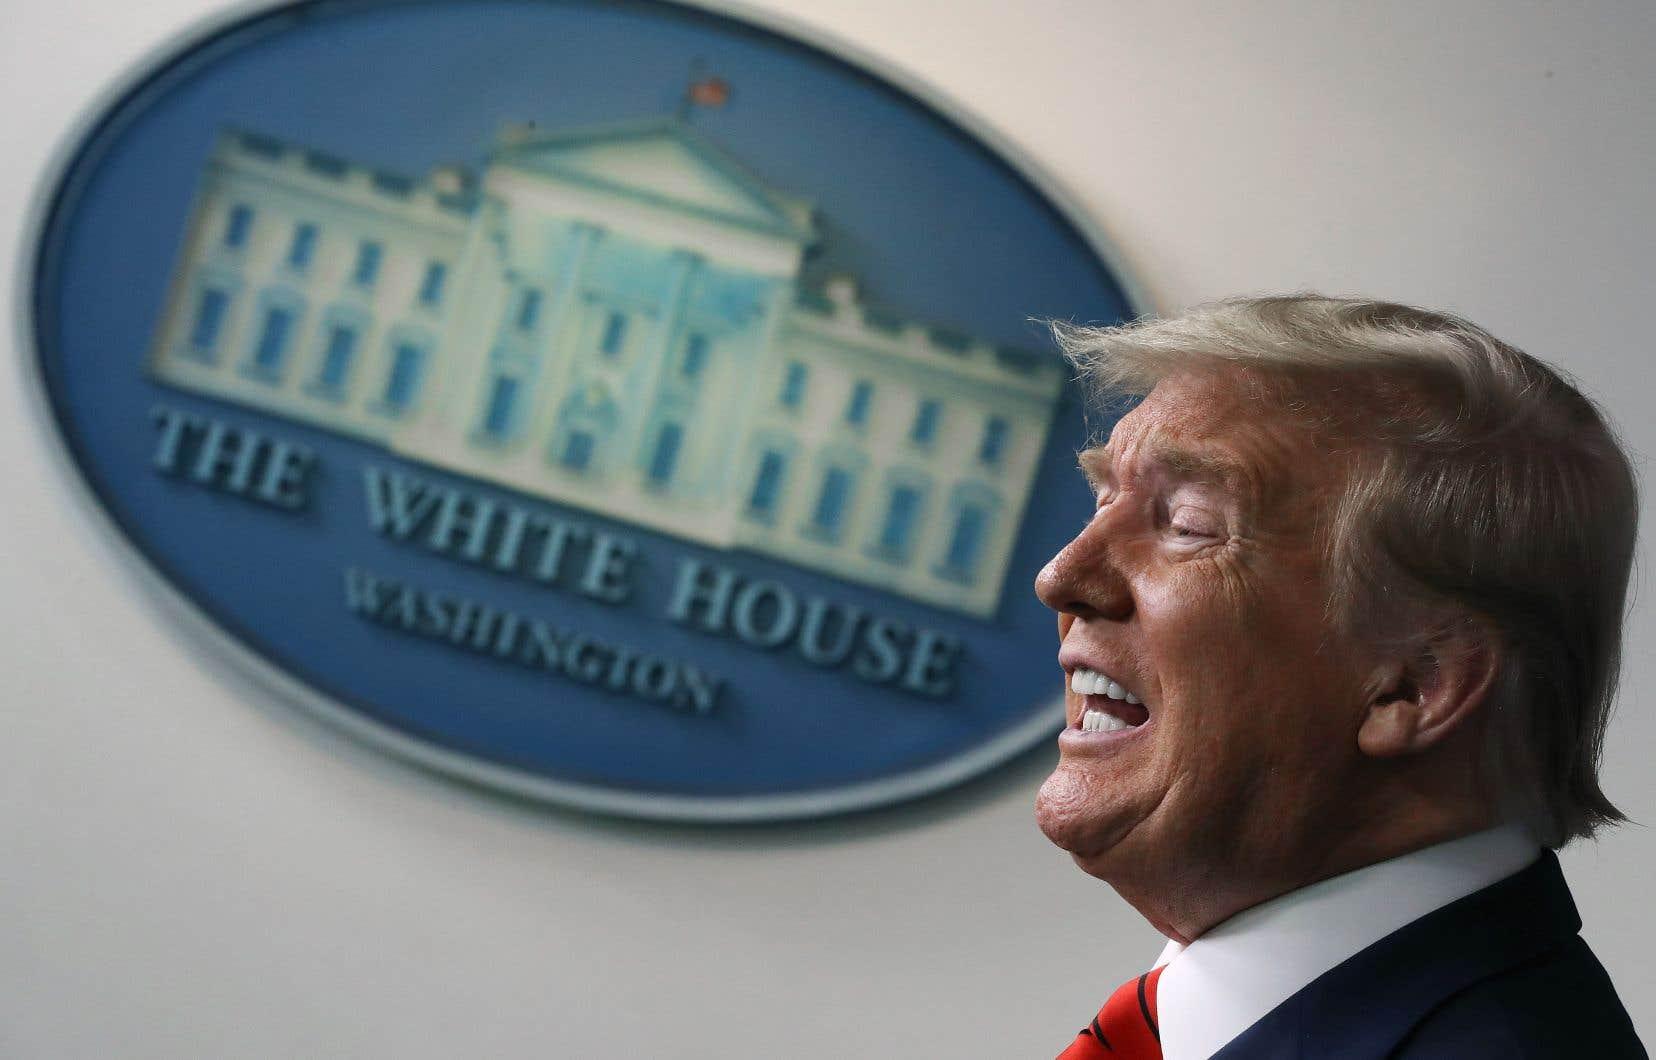 «Le monde paie le prix fort pour ce qu'ils ont fait», a affirmé Donald Trump lors d'une conférence de presse à la Maison-Blanche.